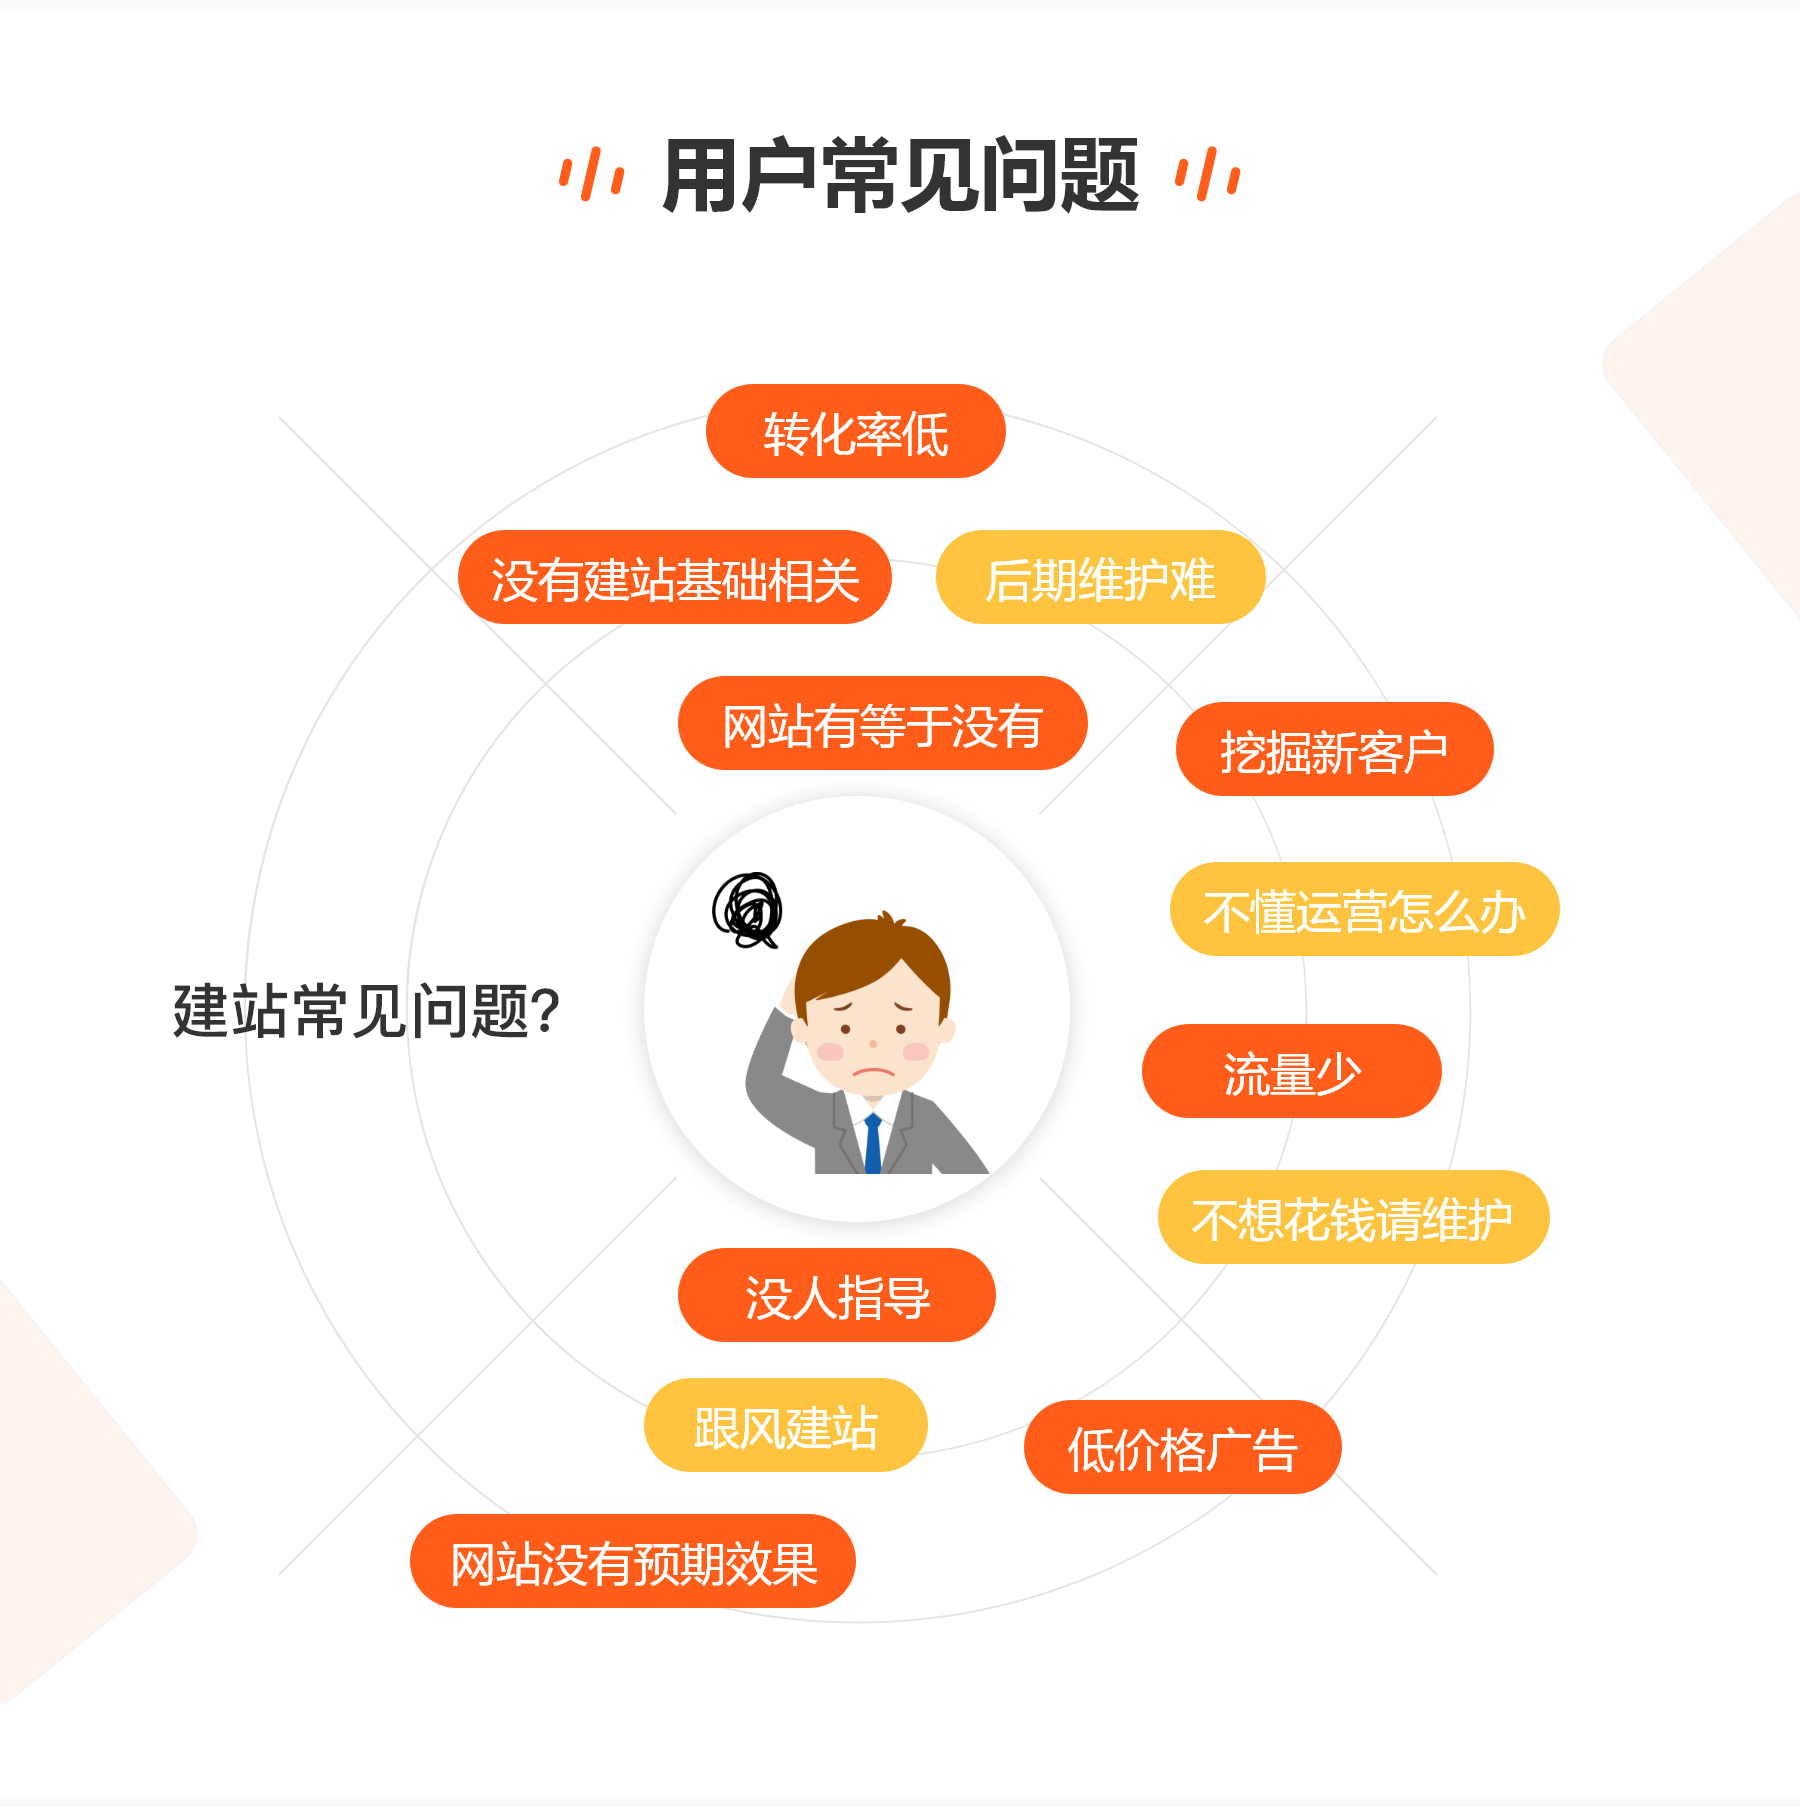 公司官网企业网站建设定制开发制作手机政府汽车协会外贸服装物流